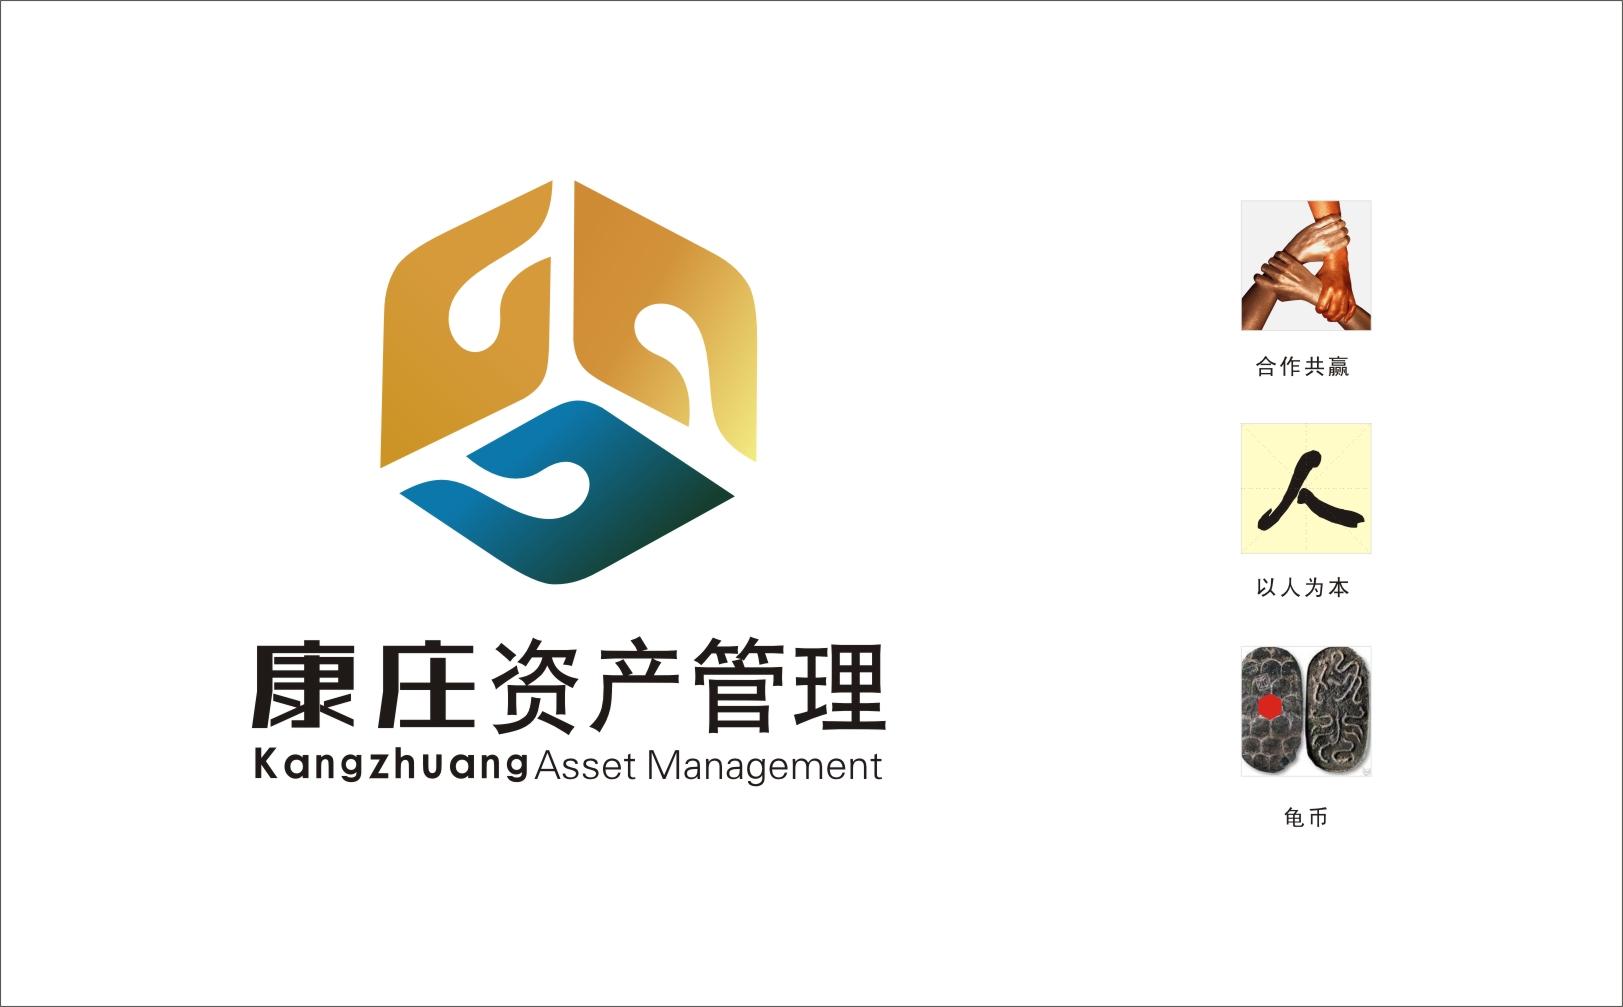 康庄资产管理公司标志设计logo及vi设计